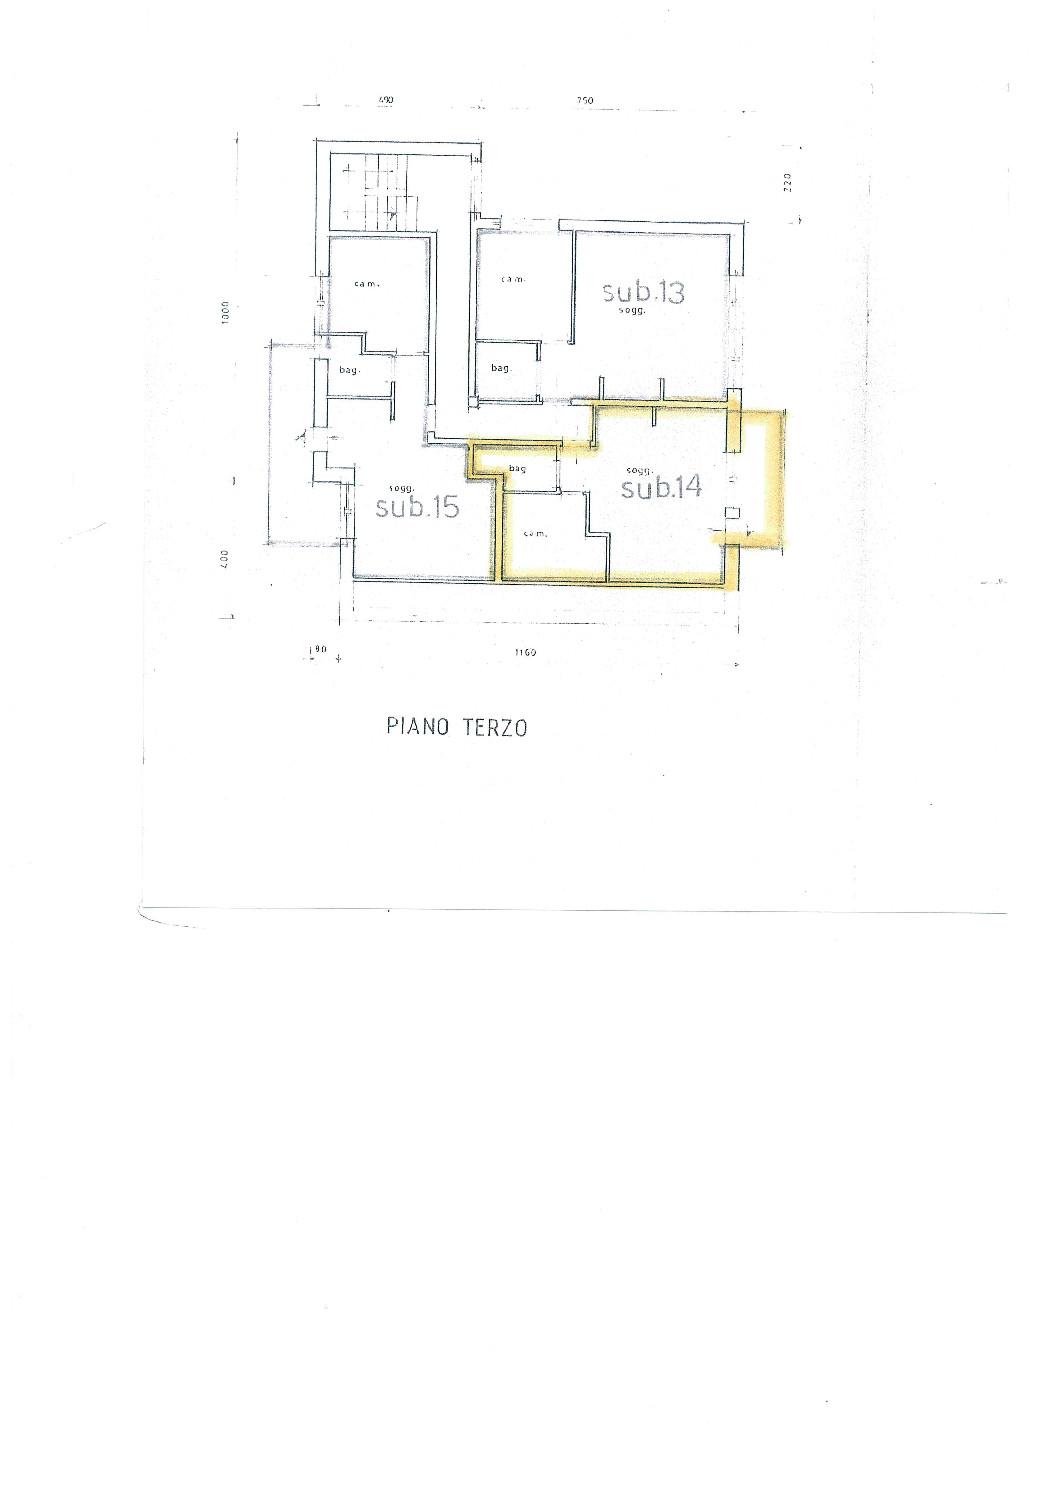 Immobiliare Abita planimetria appartamento